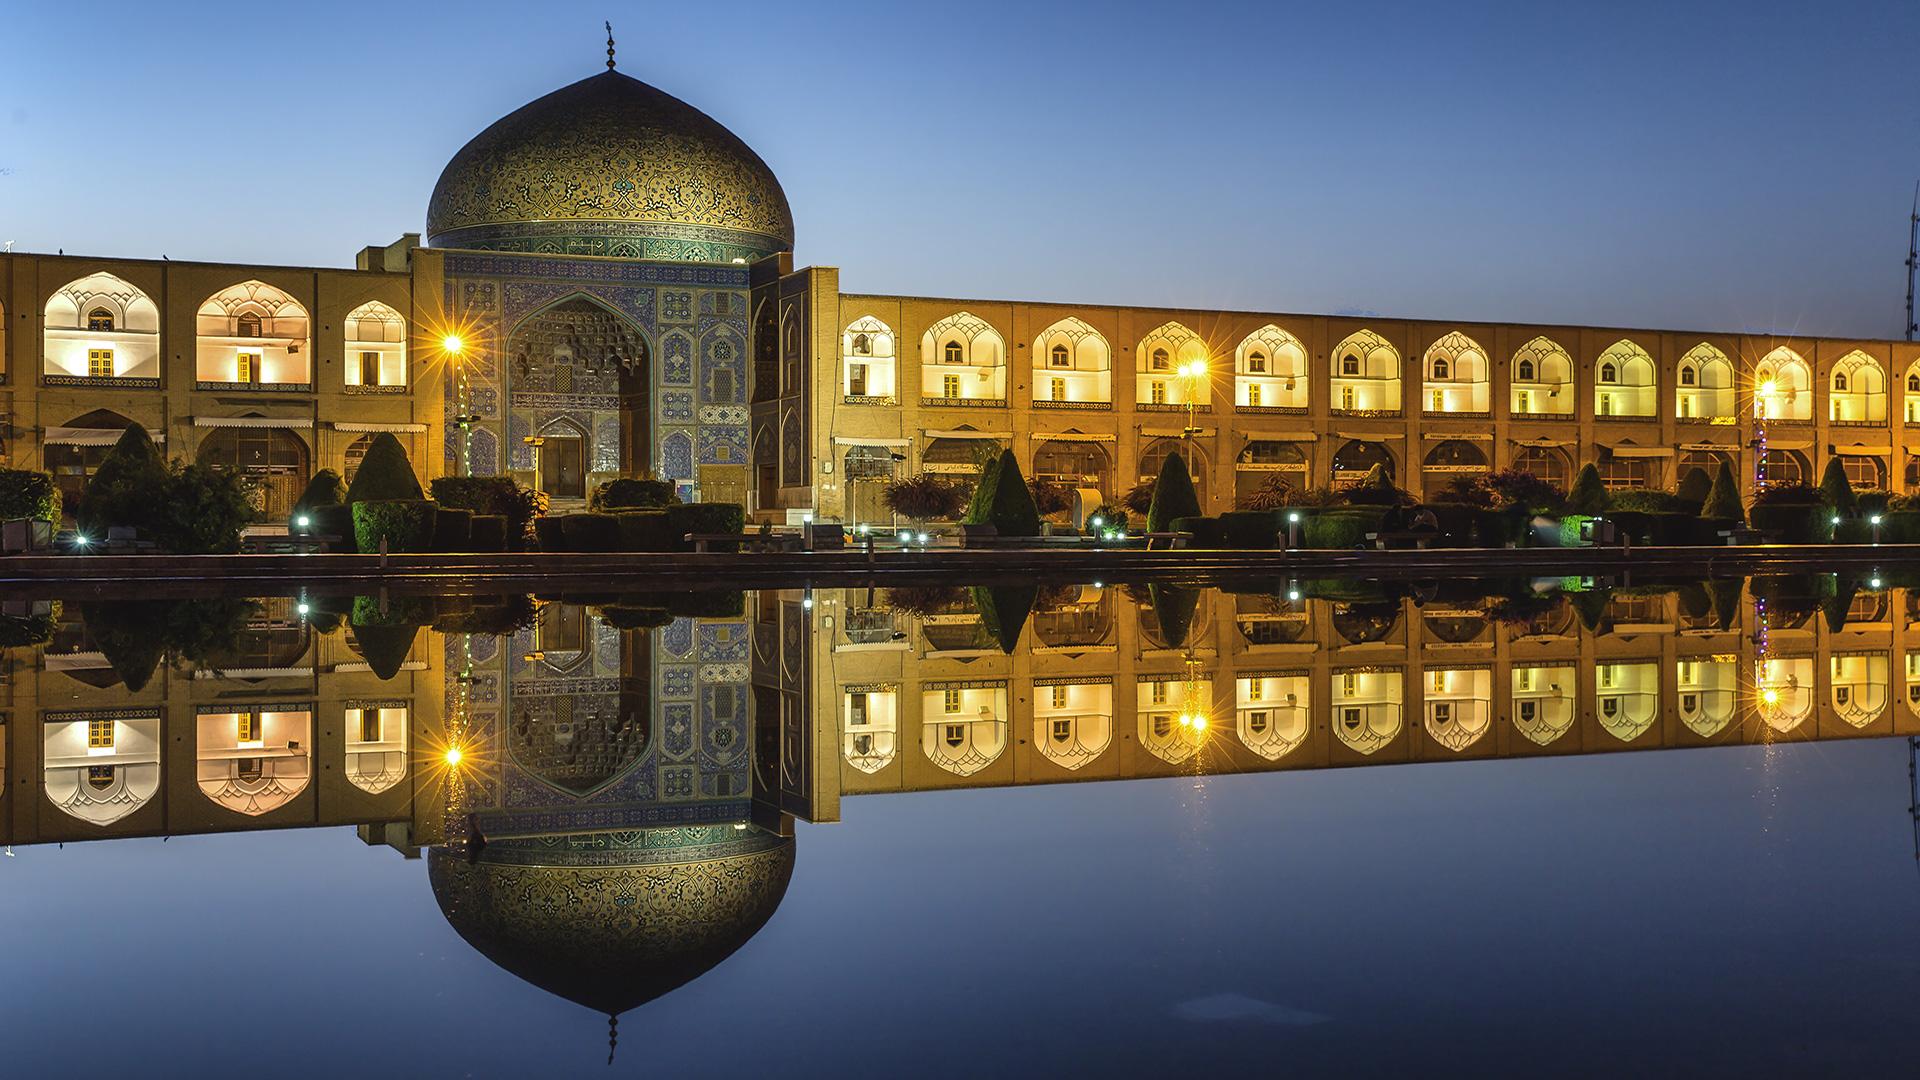 اصفهان بهترین شهرهای ایران برای خرید کردن